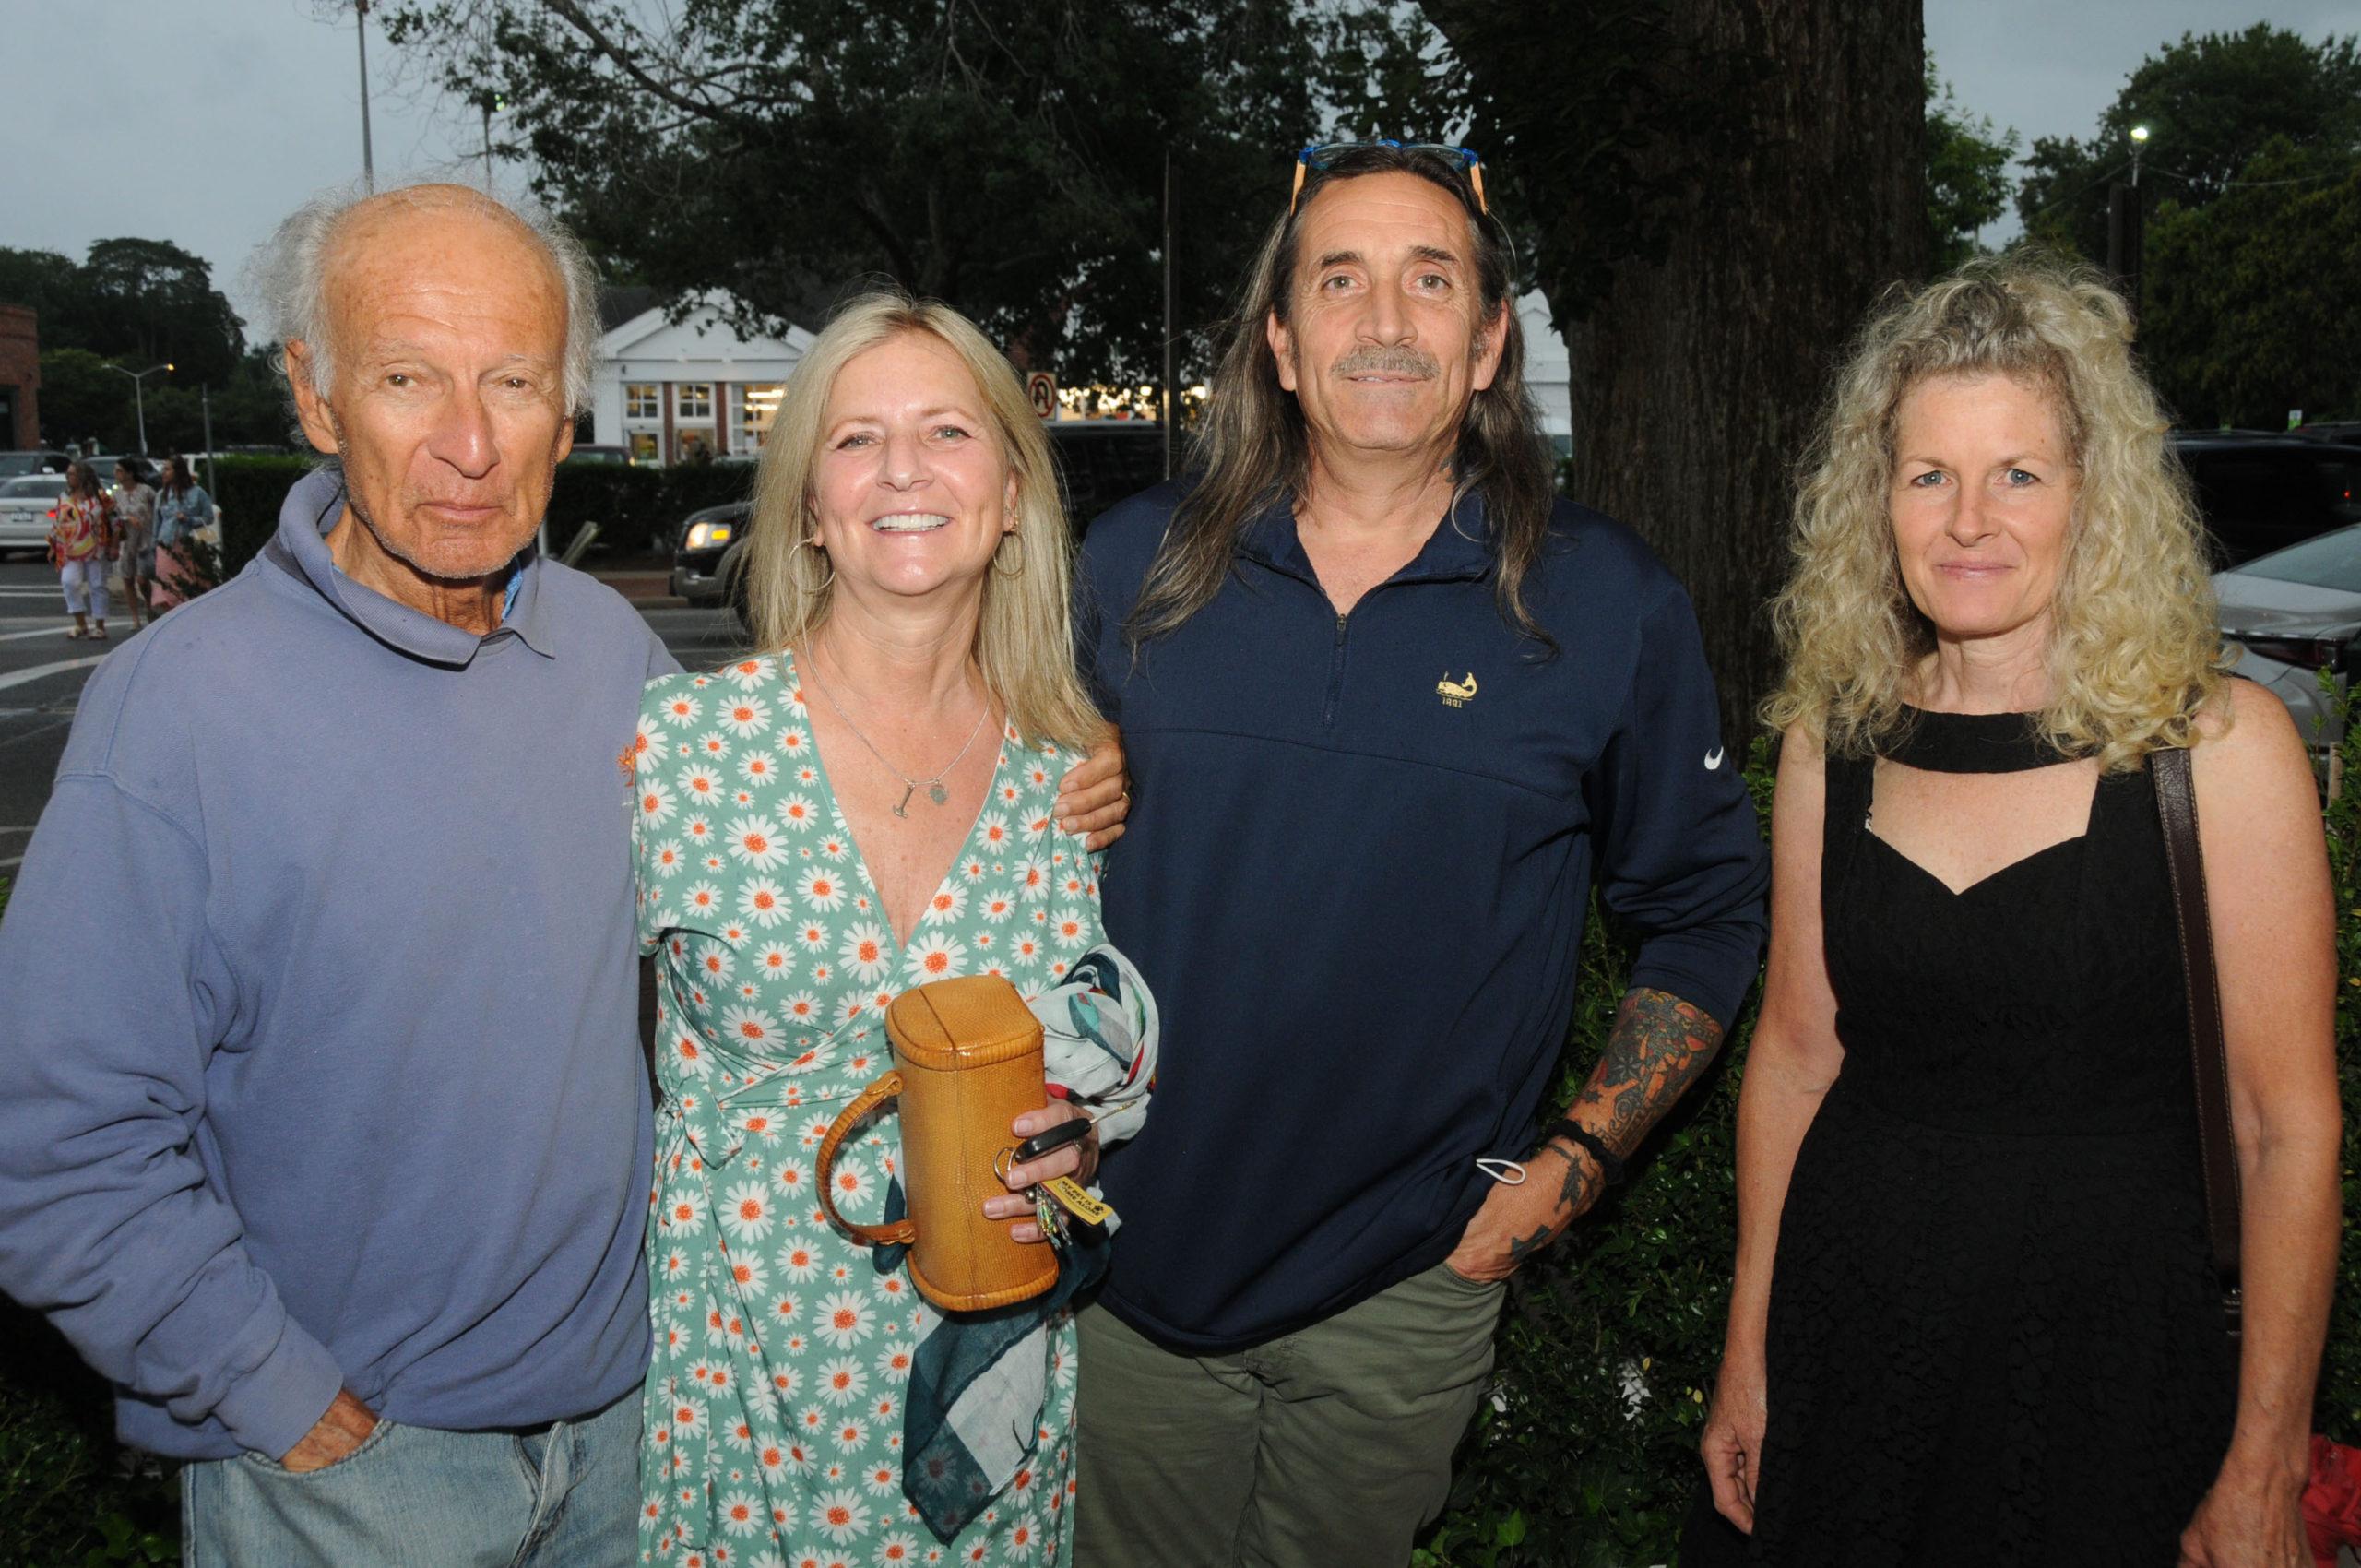 On July 29,  legendary concert promoter Ron Delsener hosted a private dinner, celebrating